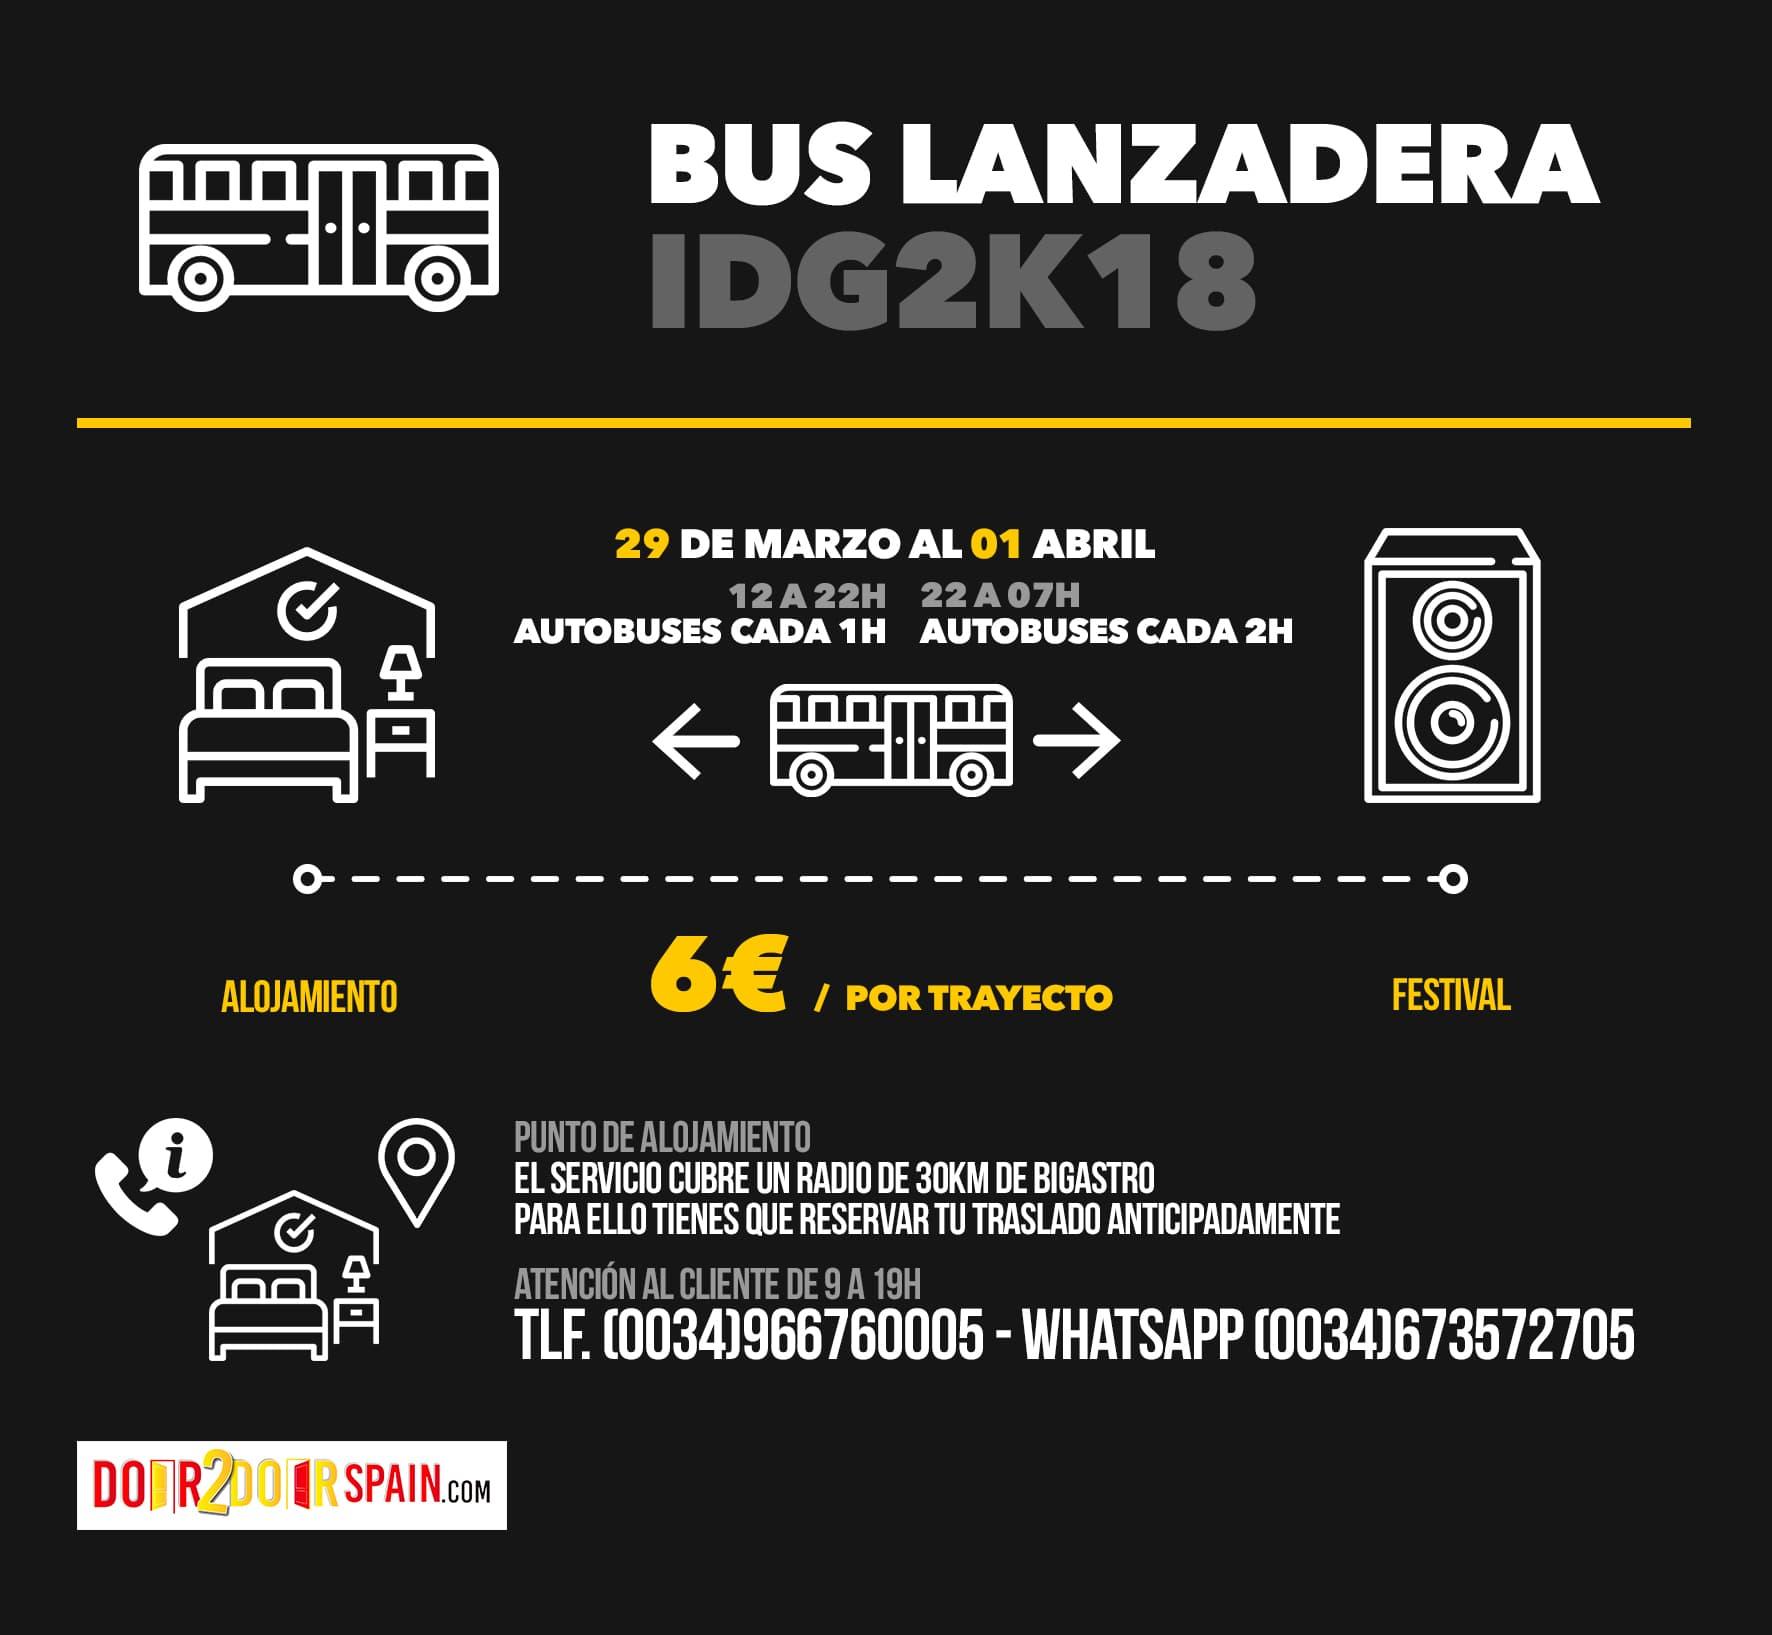 Bus lanzadera IDG